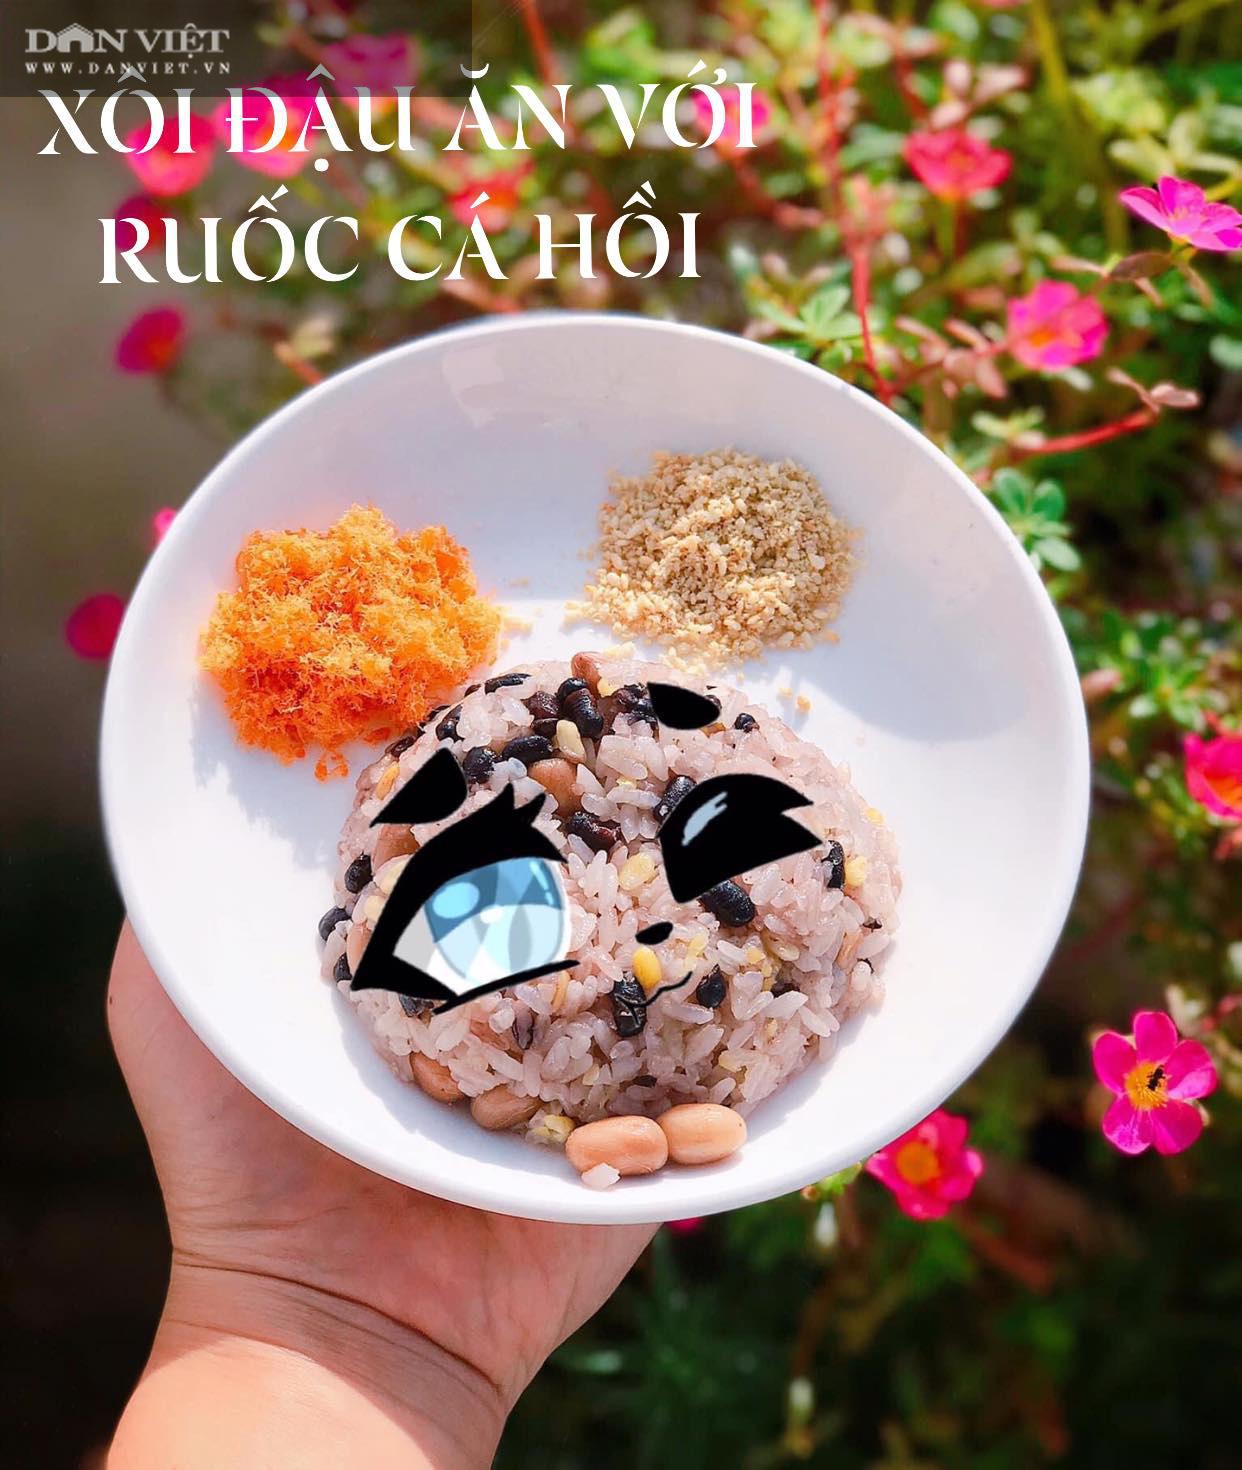 Gợi ý 4 món ăn sáng với ruốc cá hồi đơn giản và đủ chất cho bé - Ảnh 3.